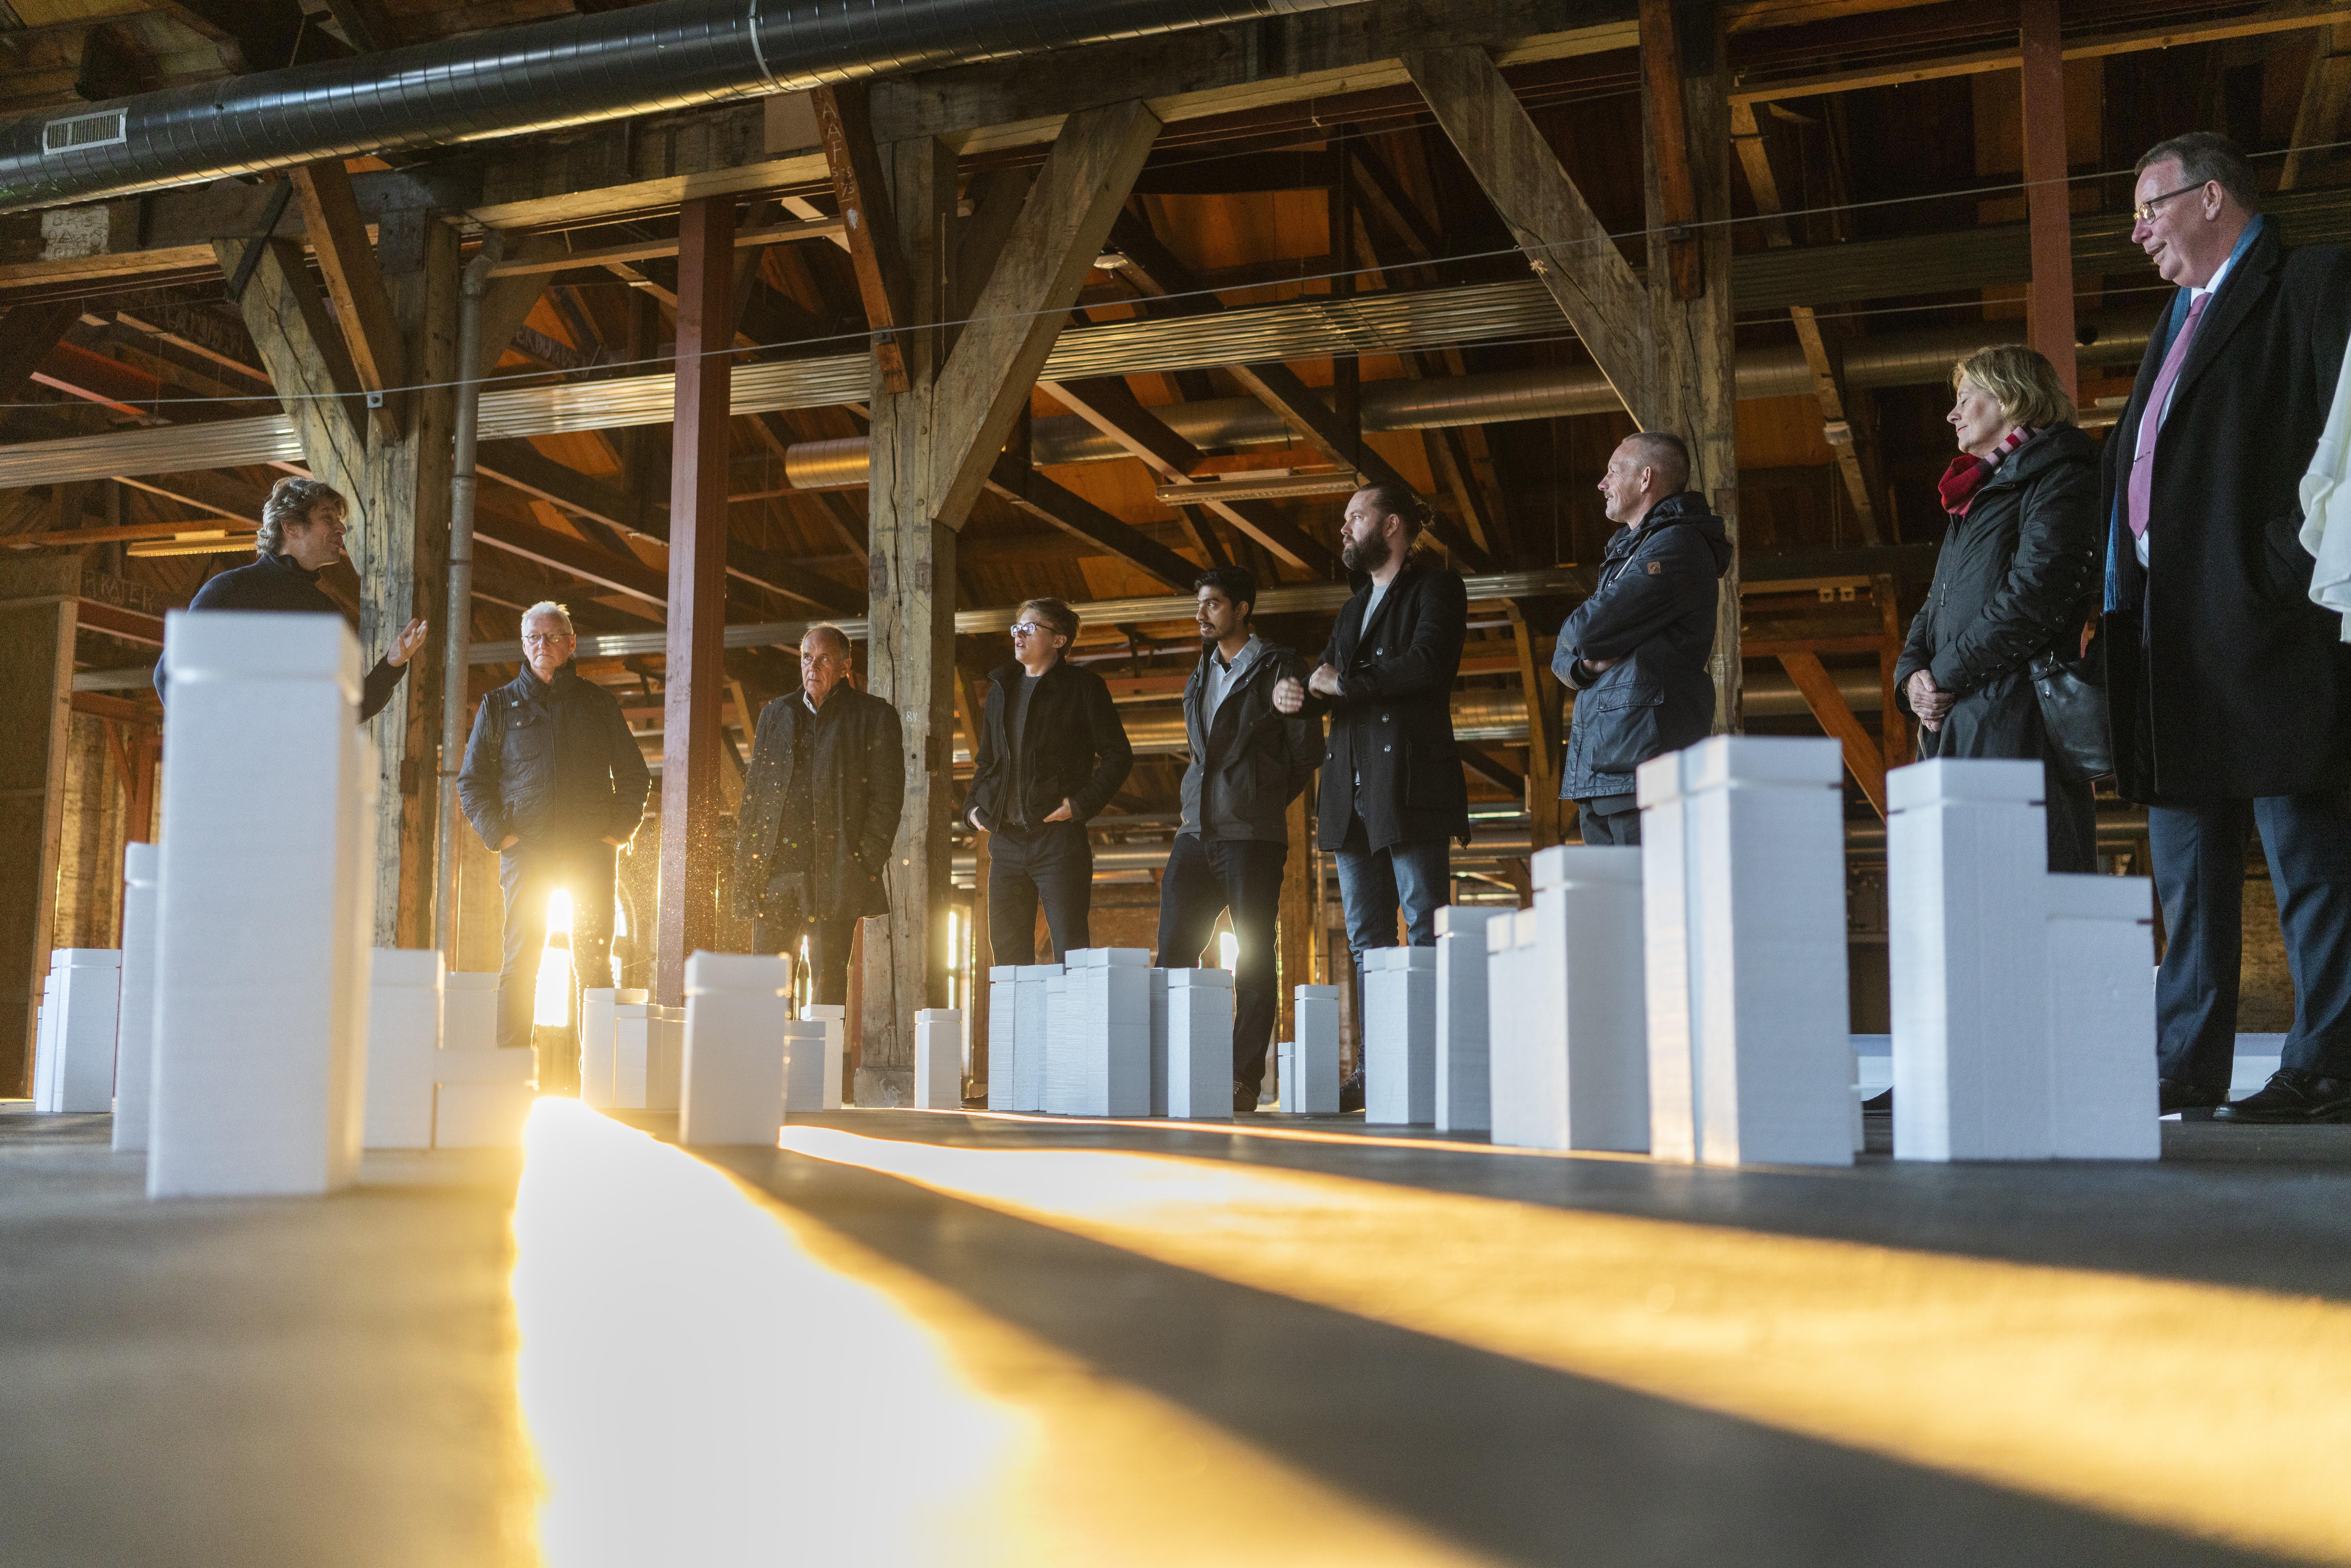 De gedenkplaats voor joodse slachtoffers wordt op 15 oktober onthuld in het stadspark van Den Helder